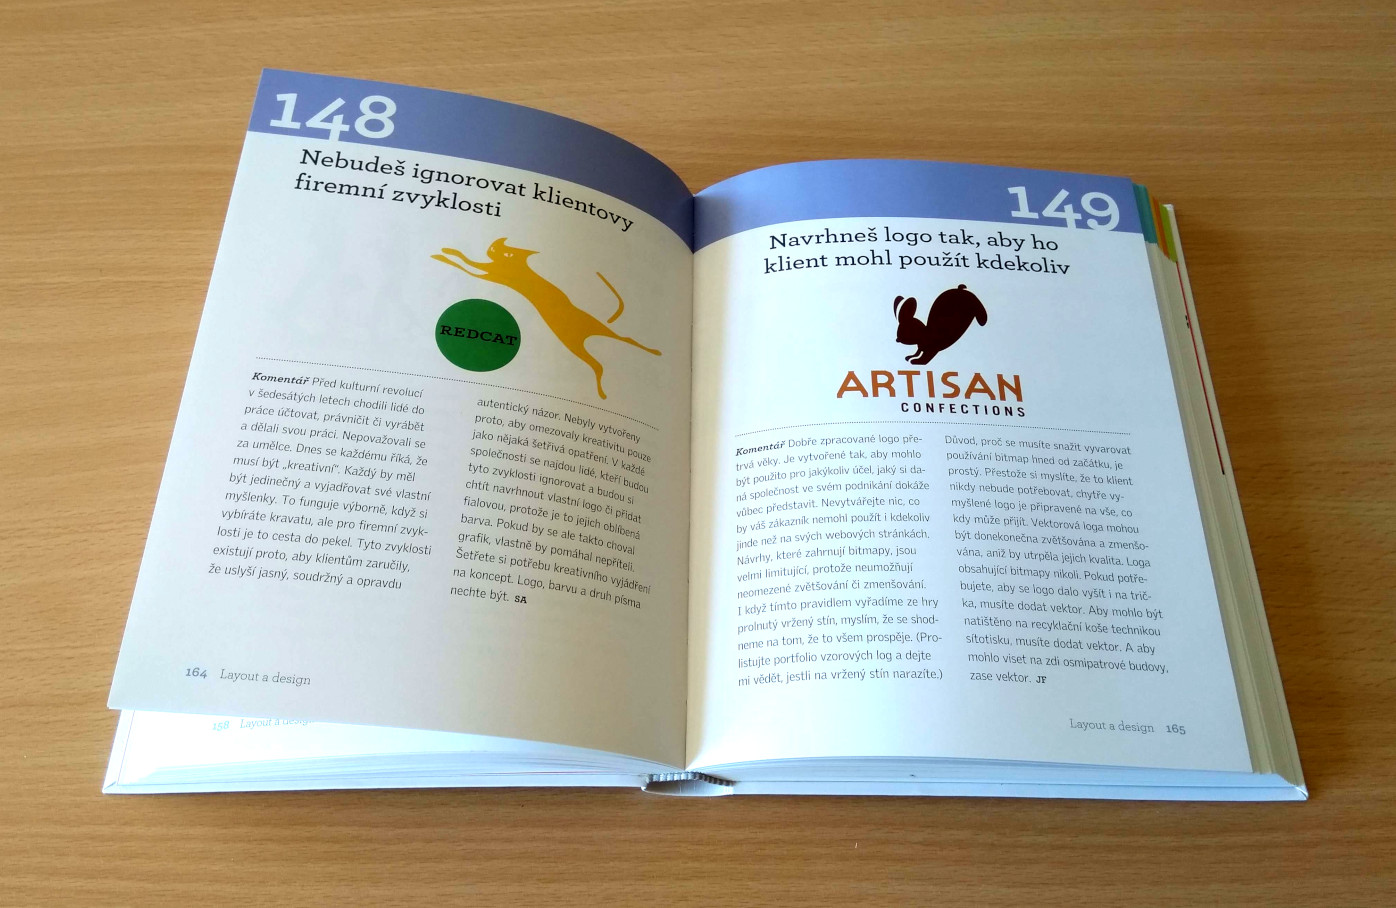 Náhled publikace (kapitola věnovaná layoutu a designu)